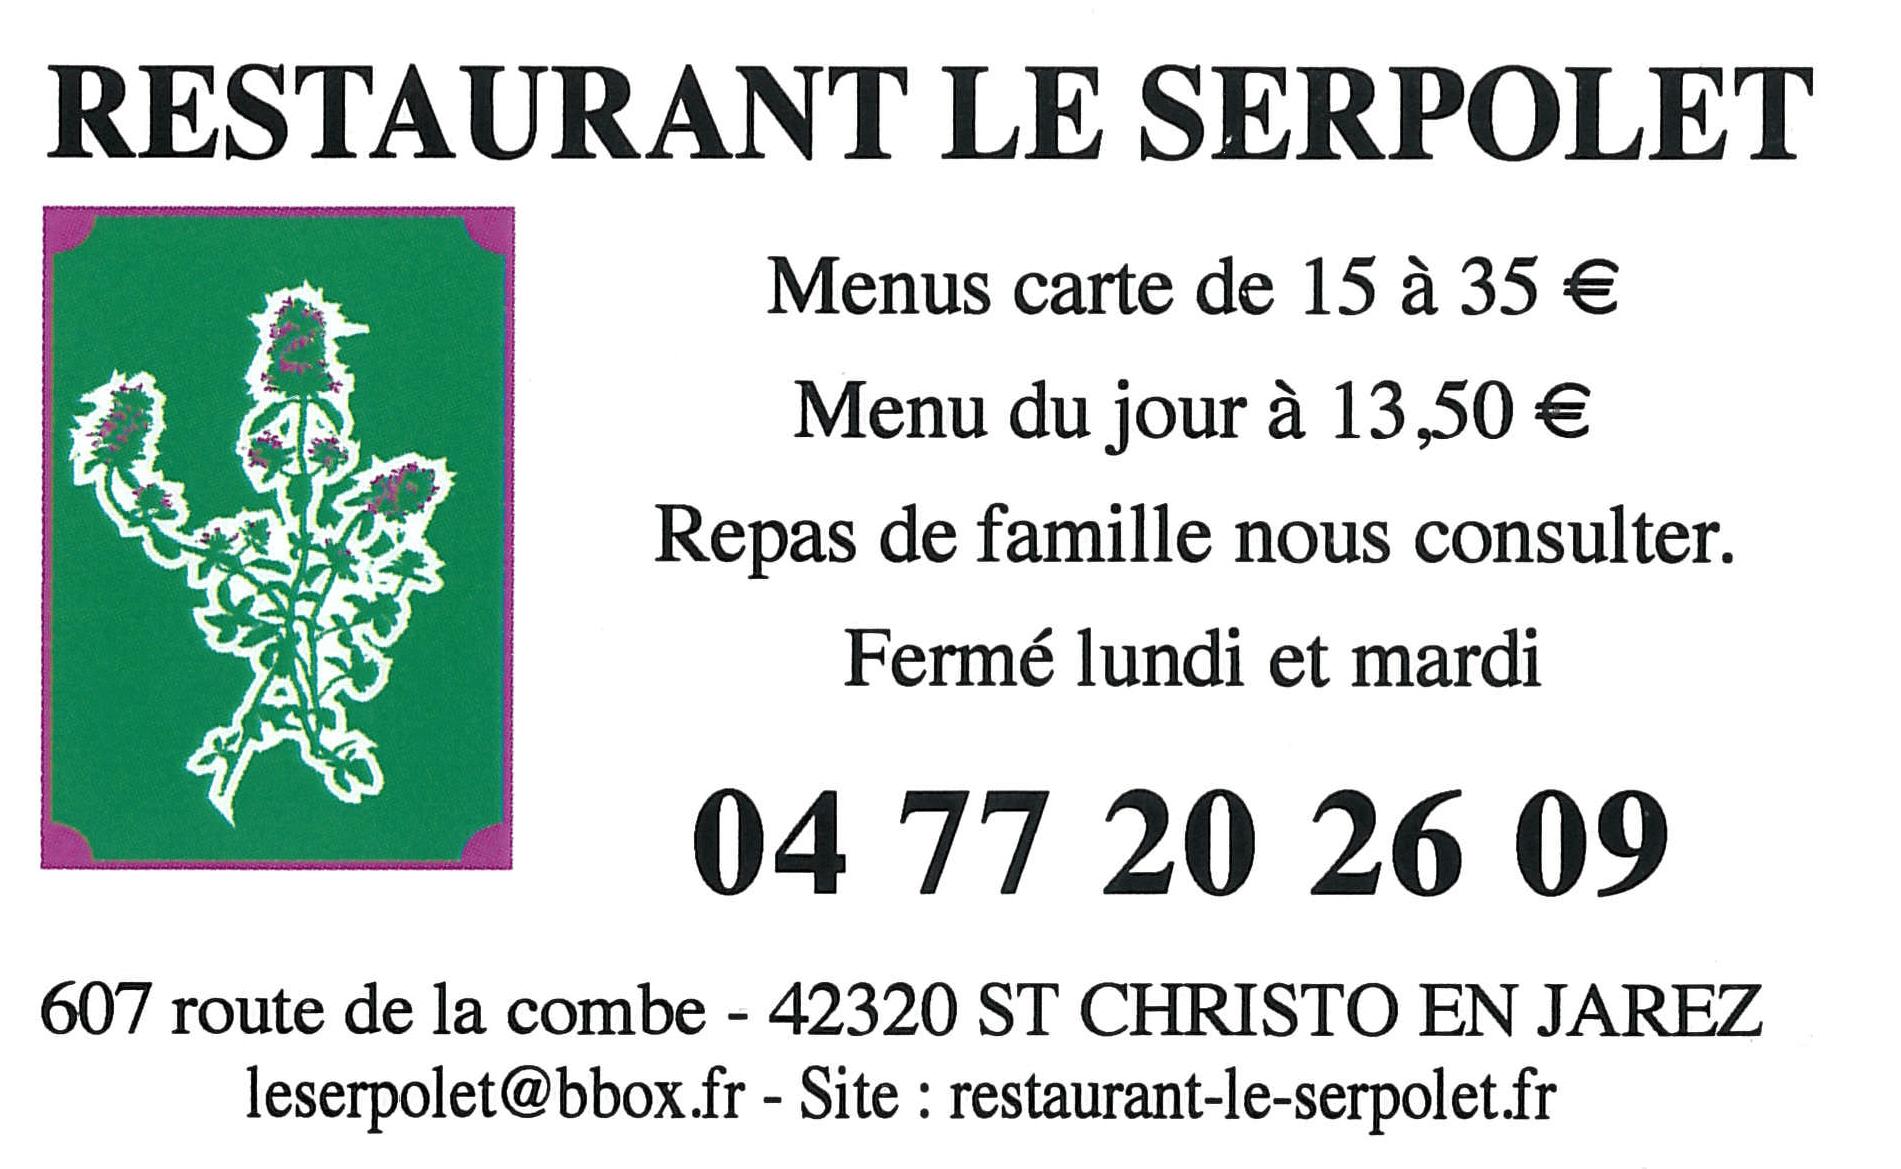 Restaurant Le Serpolet